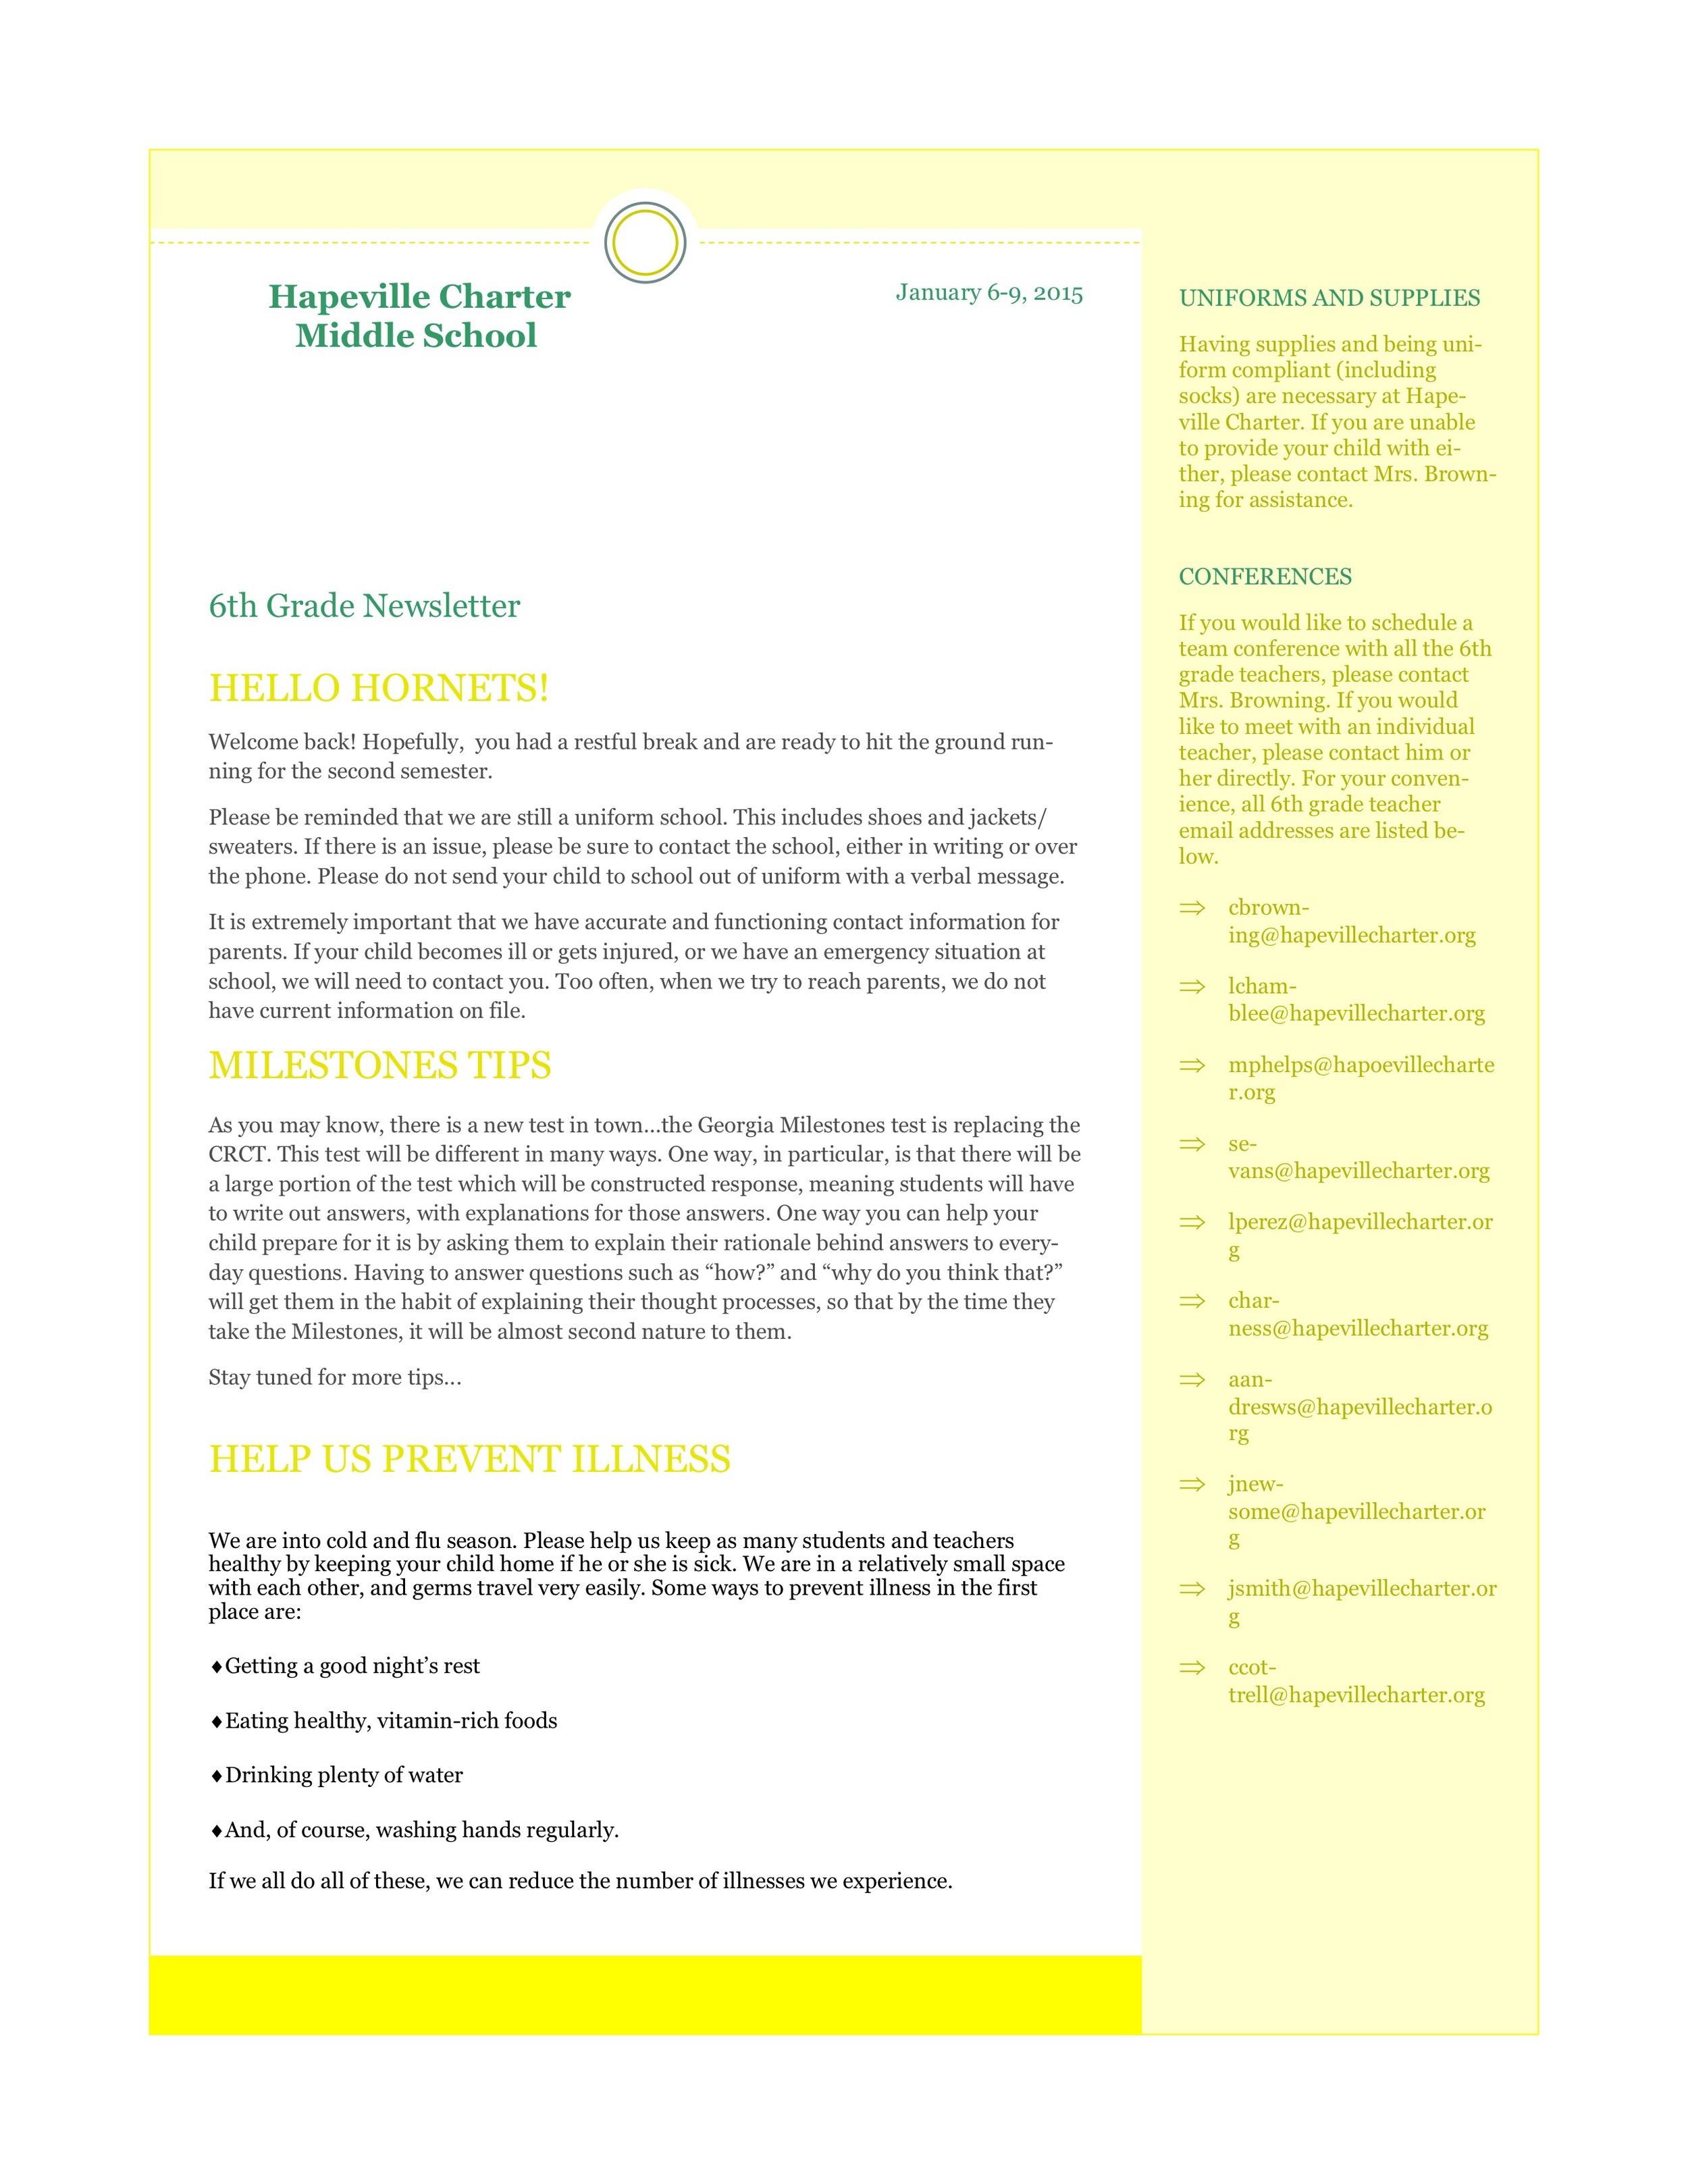 Newsletter ImageJanuary 6-9.jpeg